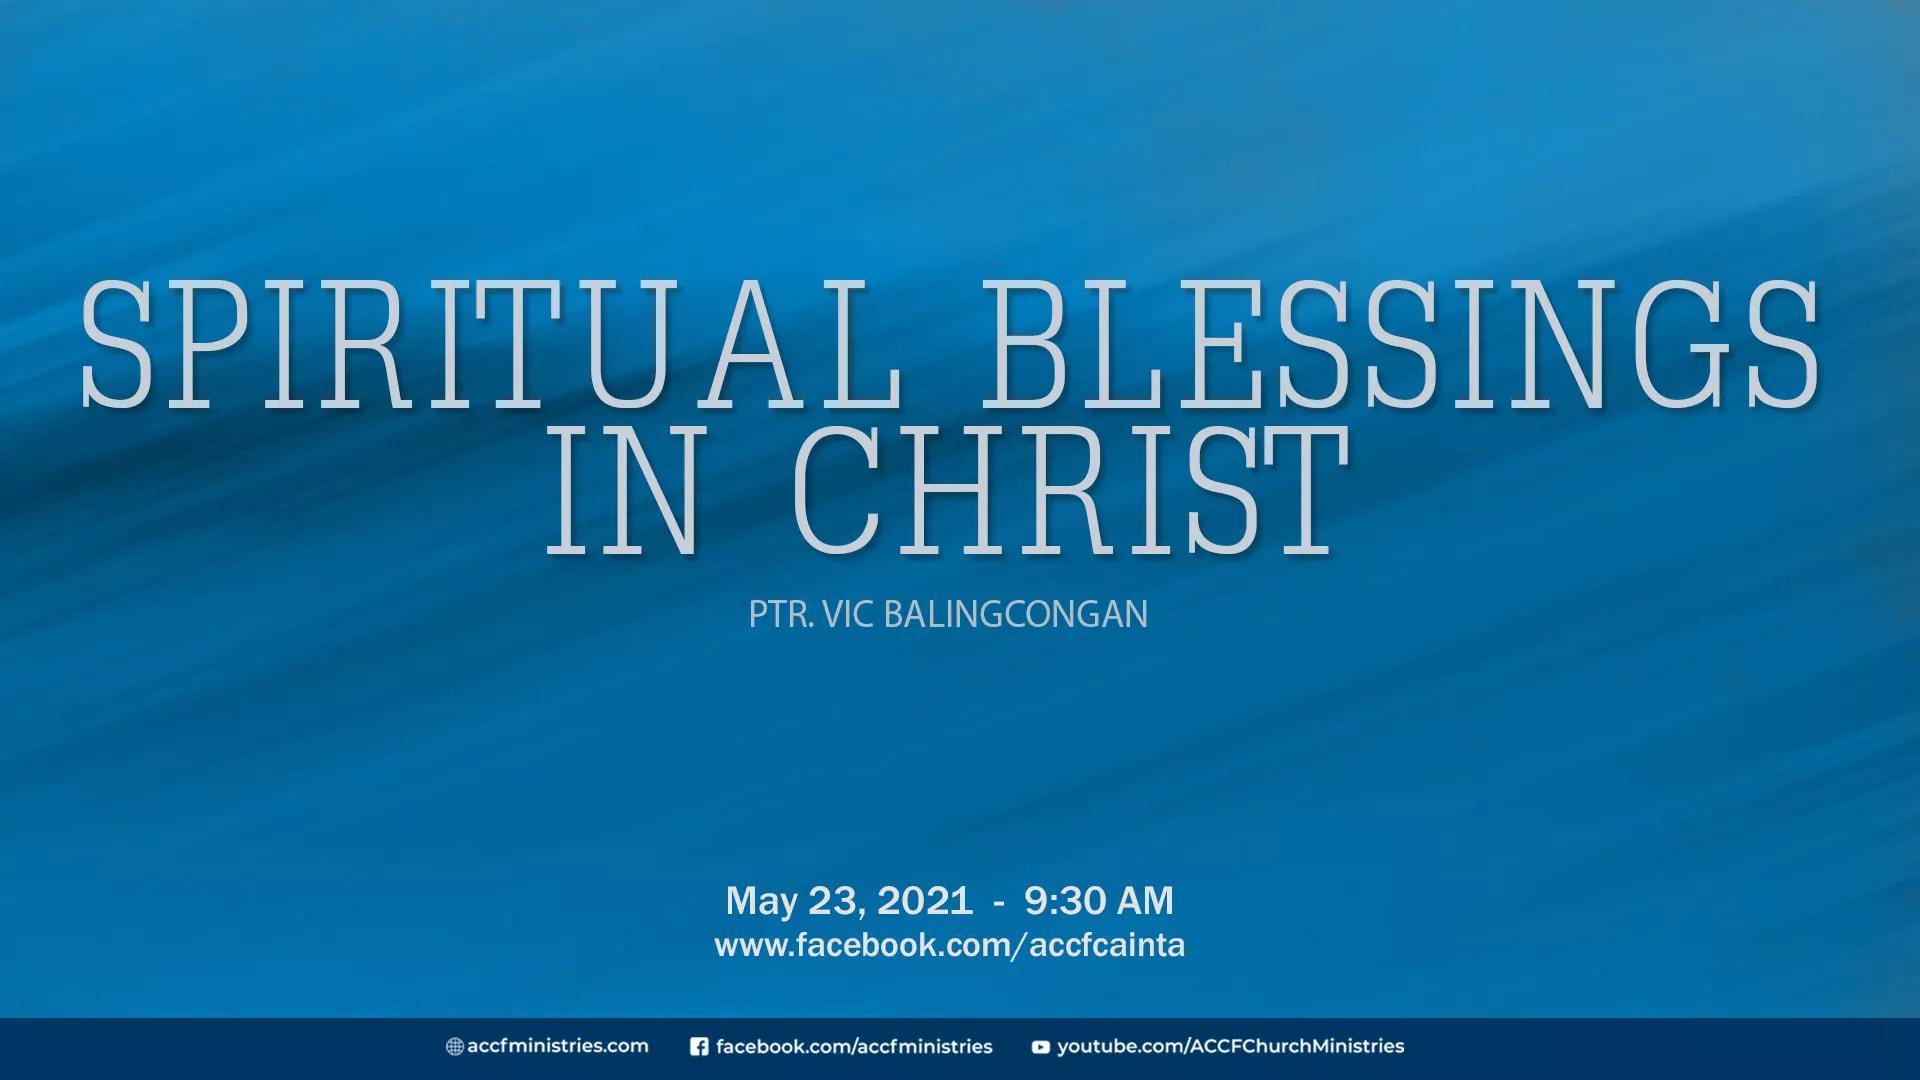 Spiritual Blessings in Christ